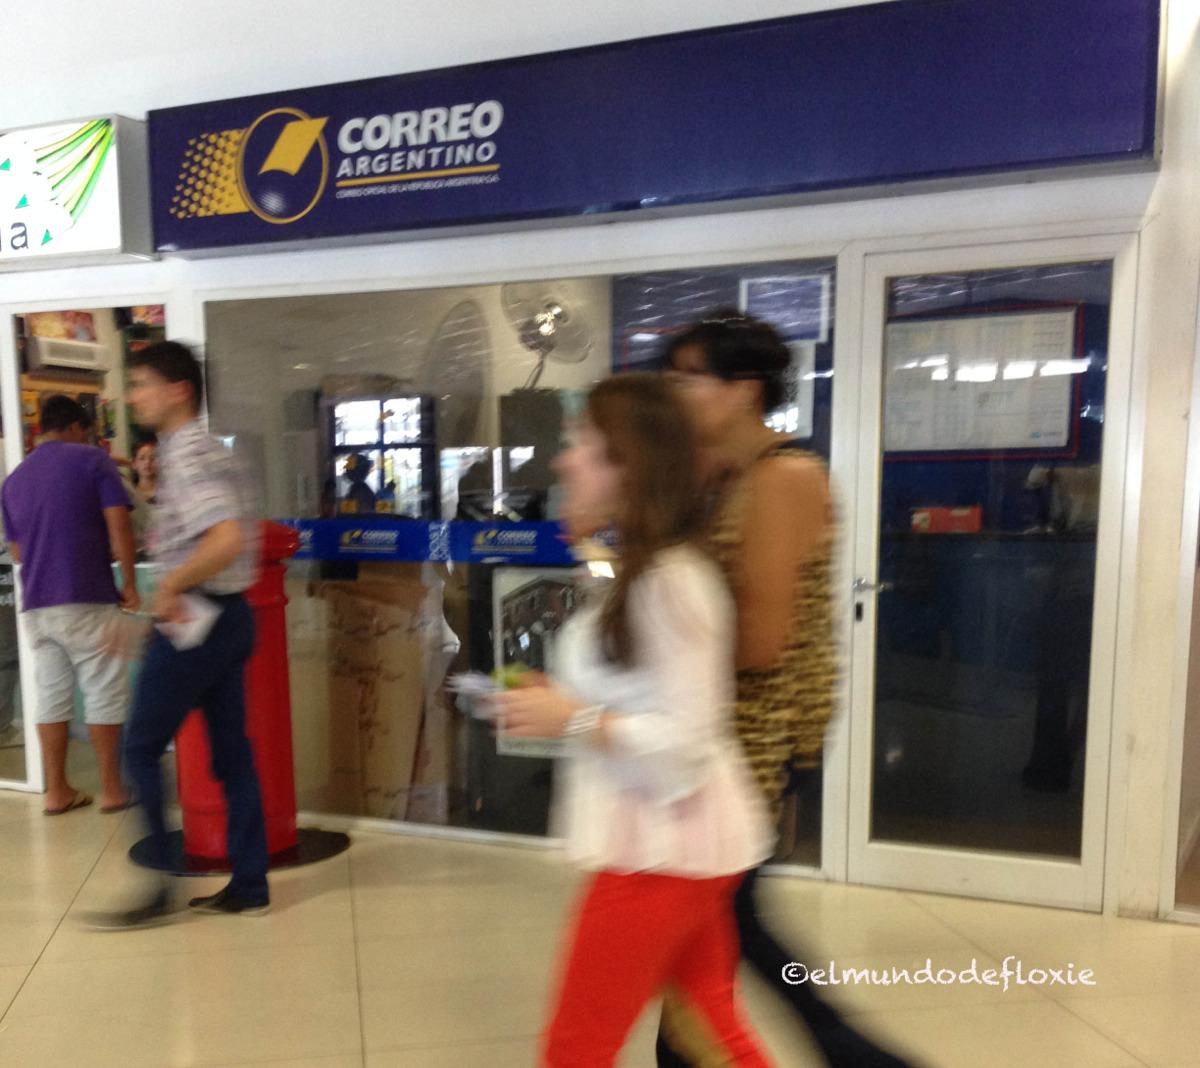 Correo Argentino EZE